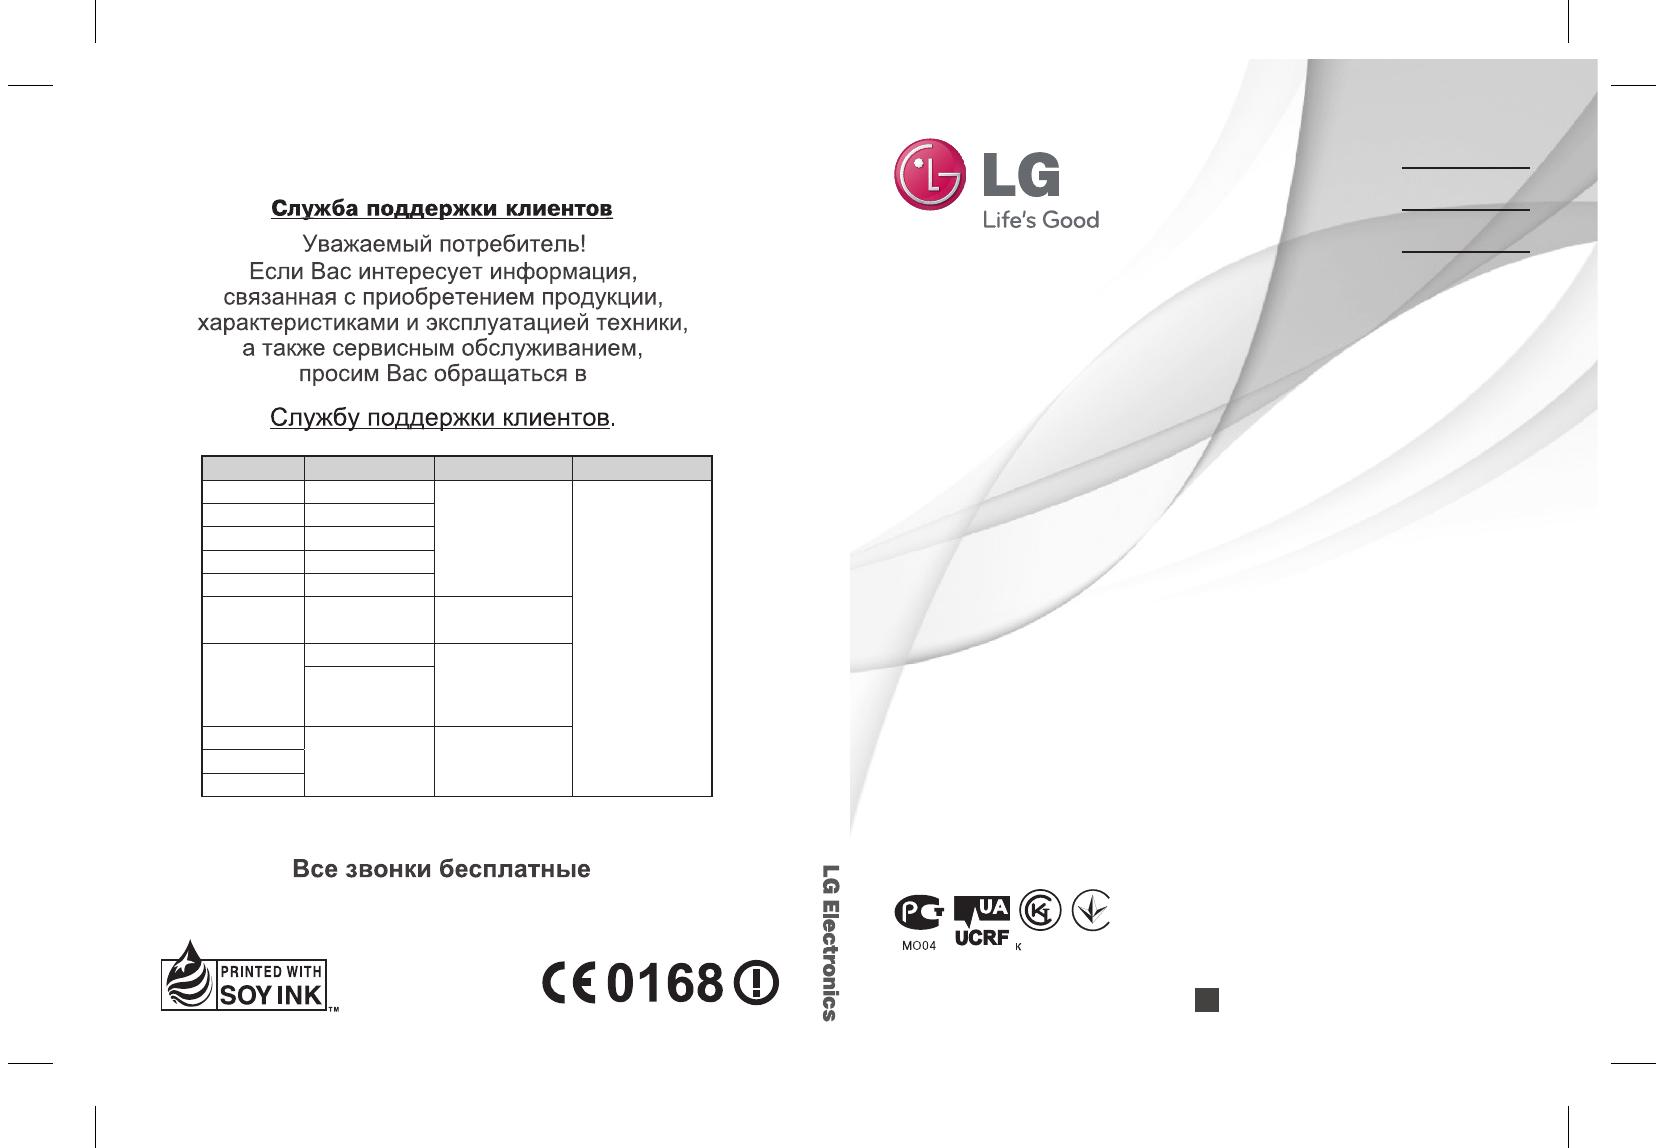 Lg 28lf498u инструкция Пользователя